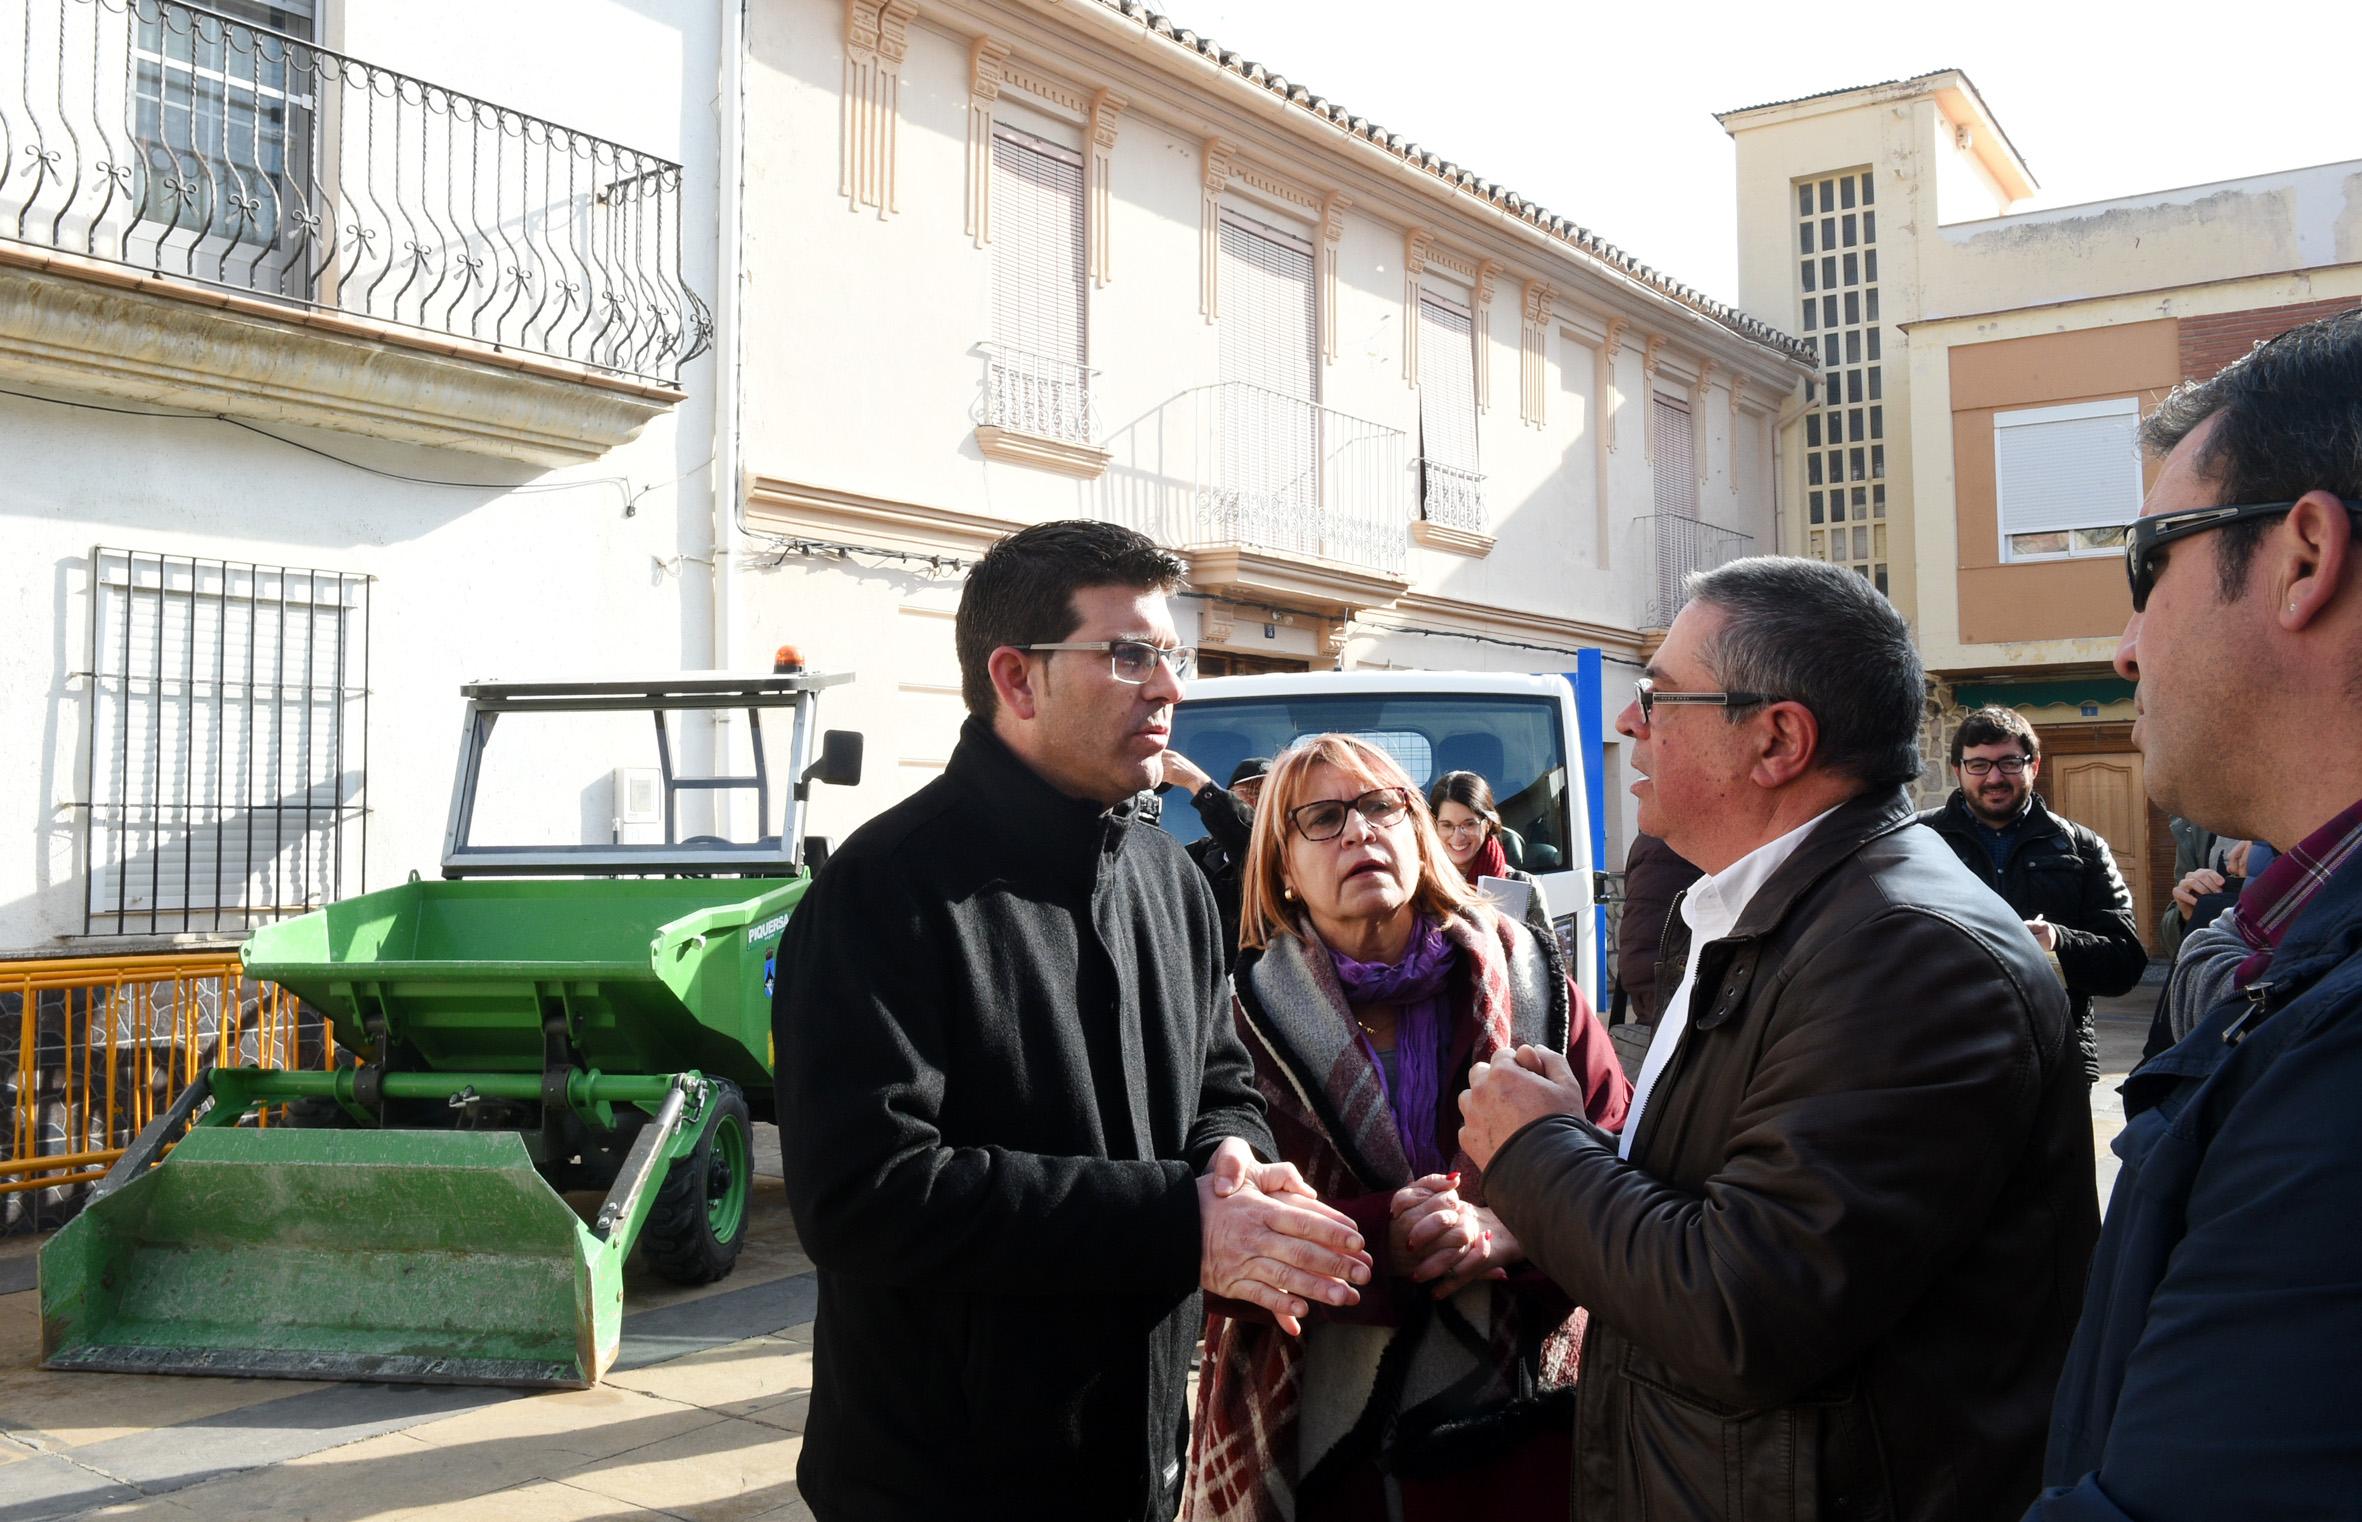 La reurbanización de calles, la adquisición de vehículos para mejorar los servicios municipales y una reforma parcial del castillo son algunos de los proyectos ejecutados con fondos provinciales.